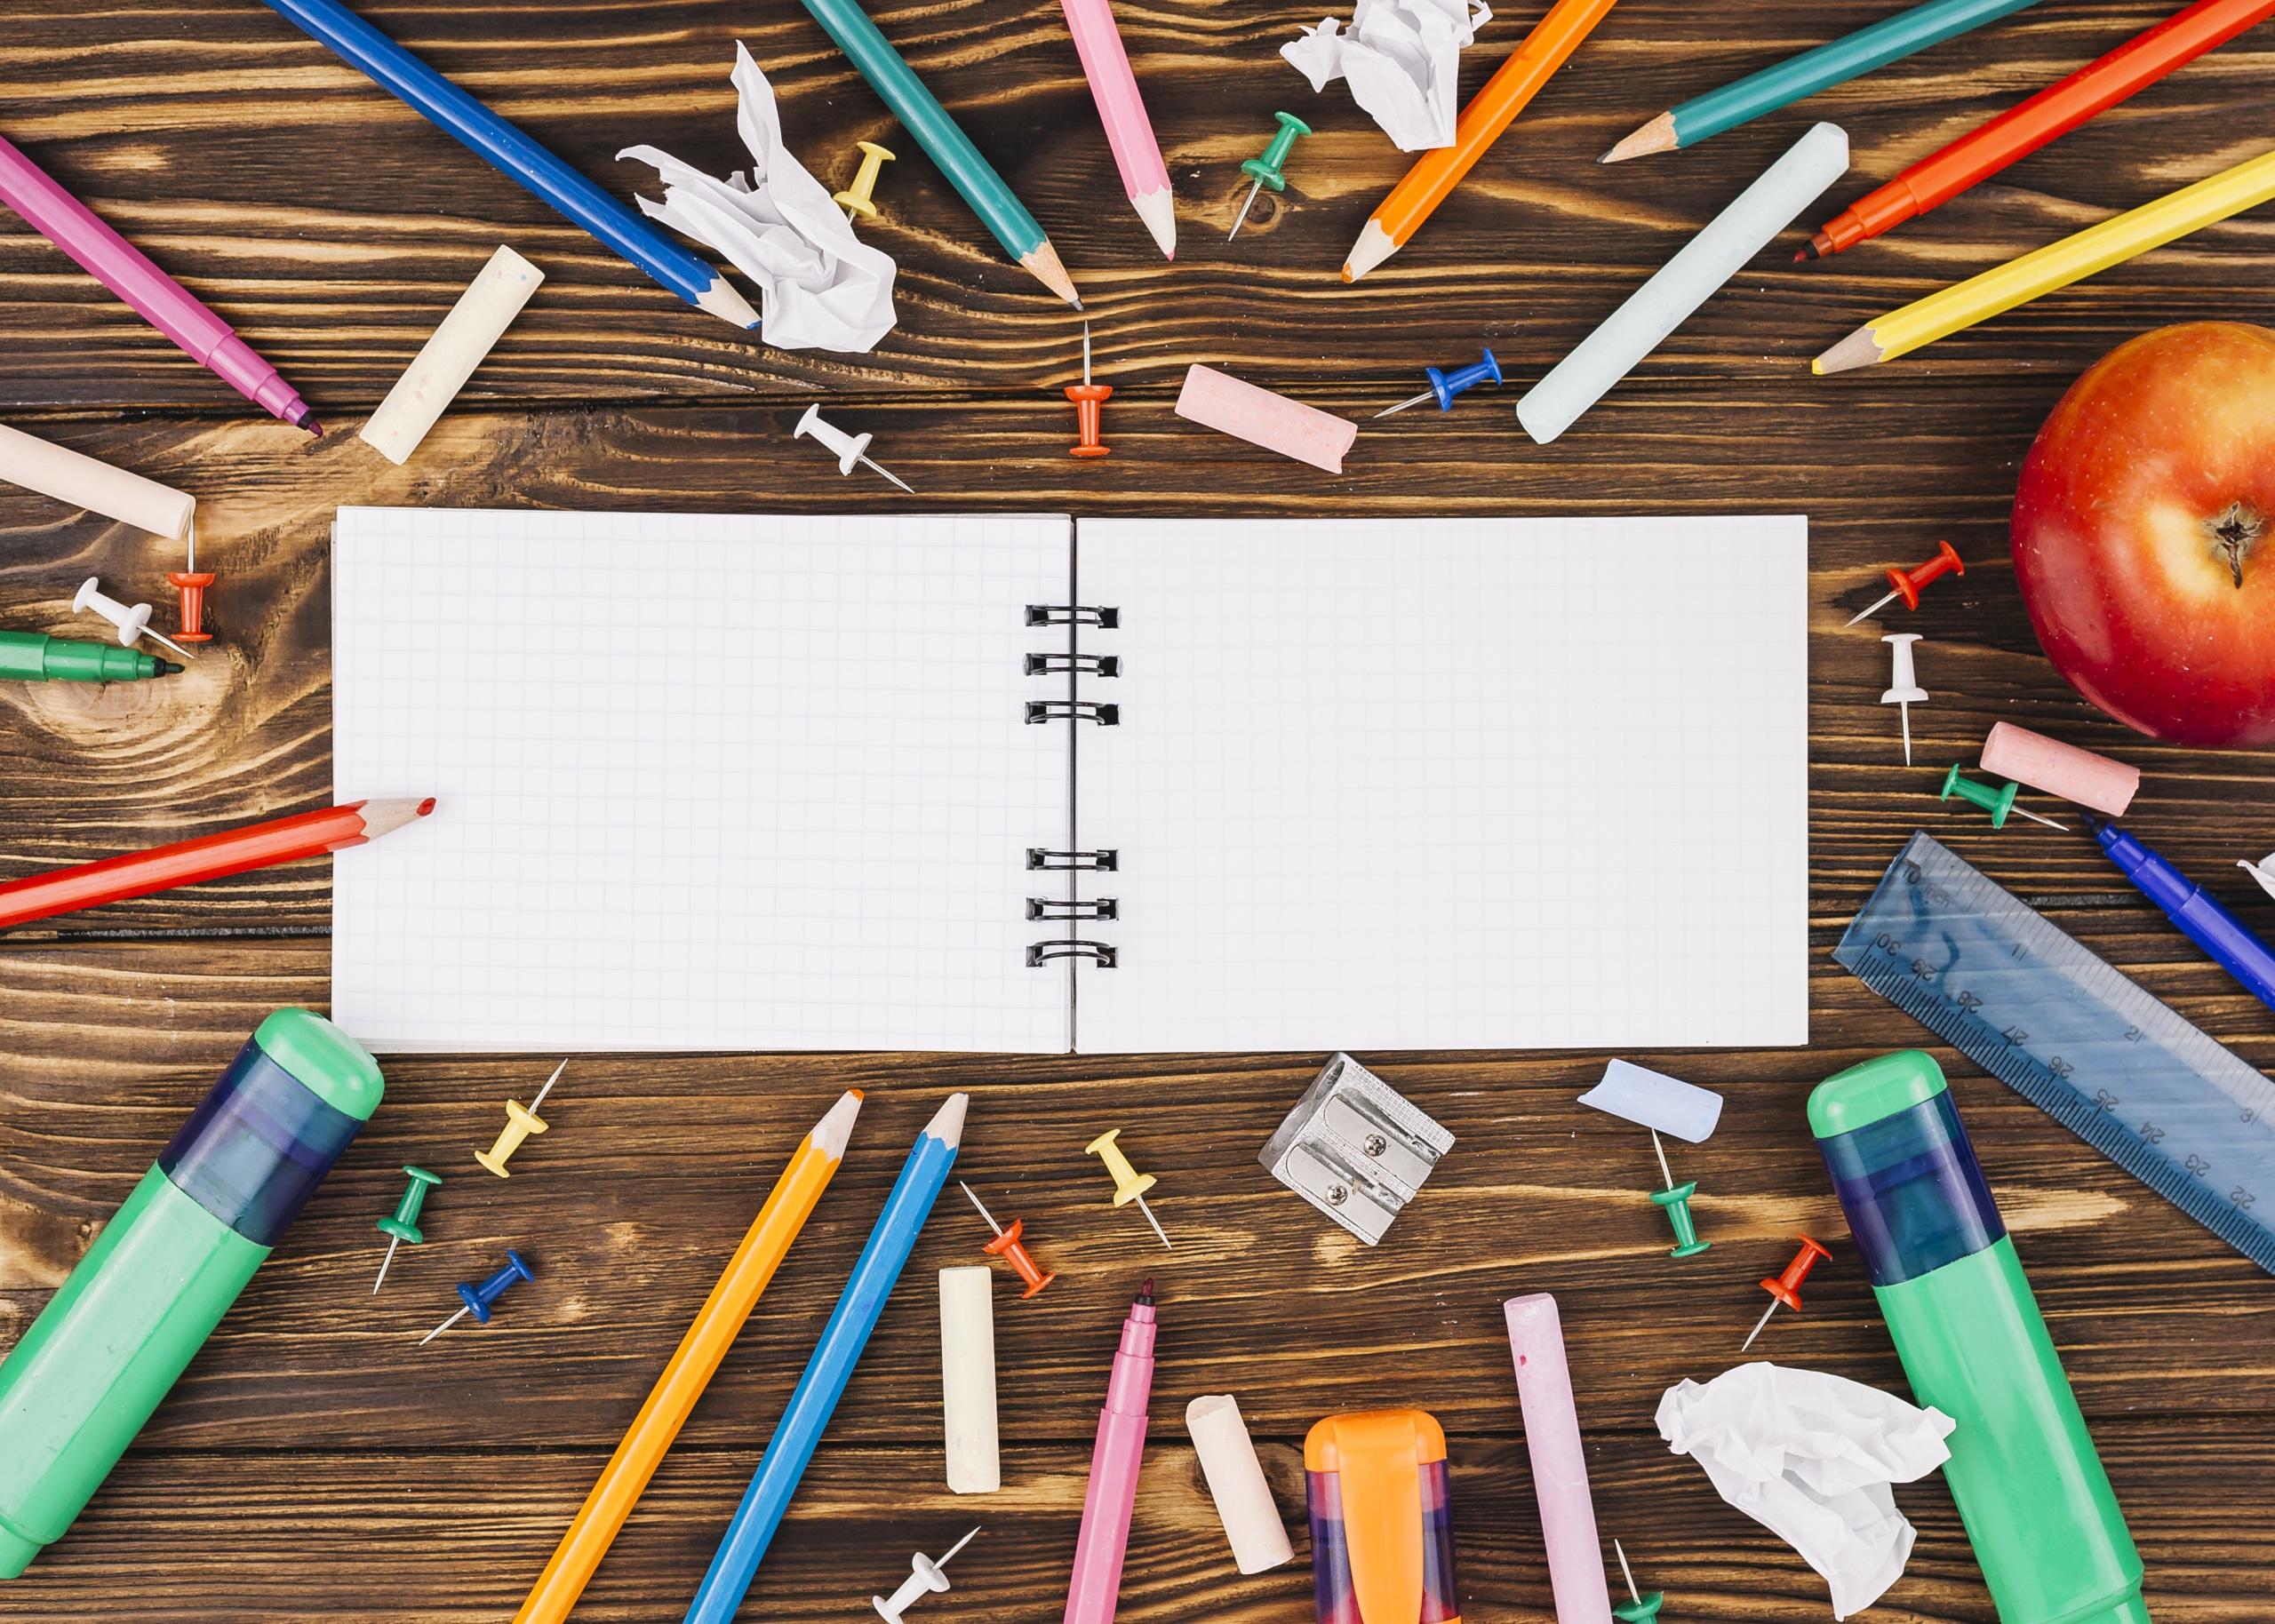 Фото Канцелярские товары школьные карандаш Тетрадь Доски 2560x1828 Школа Карандаши карандаша карандашей